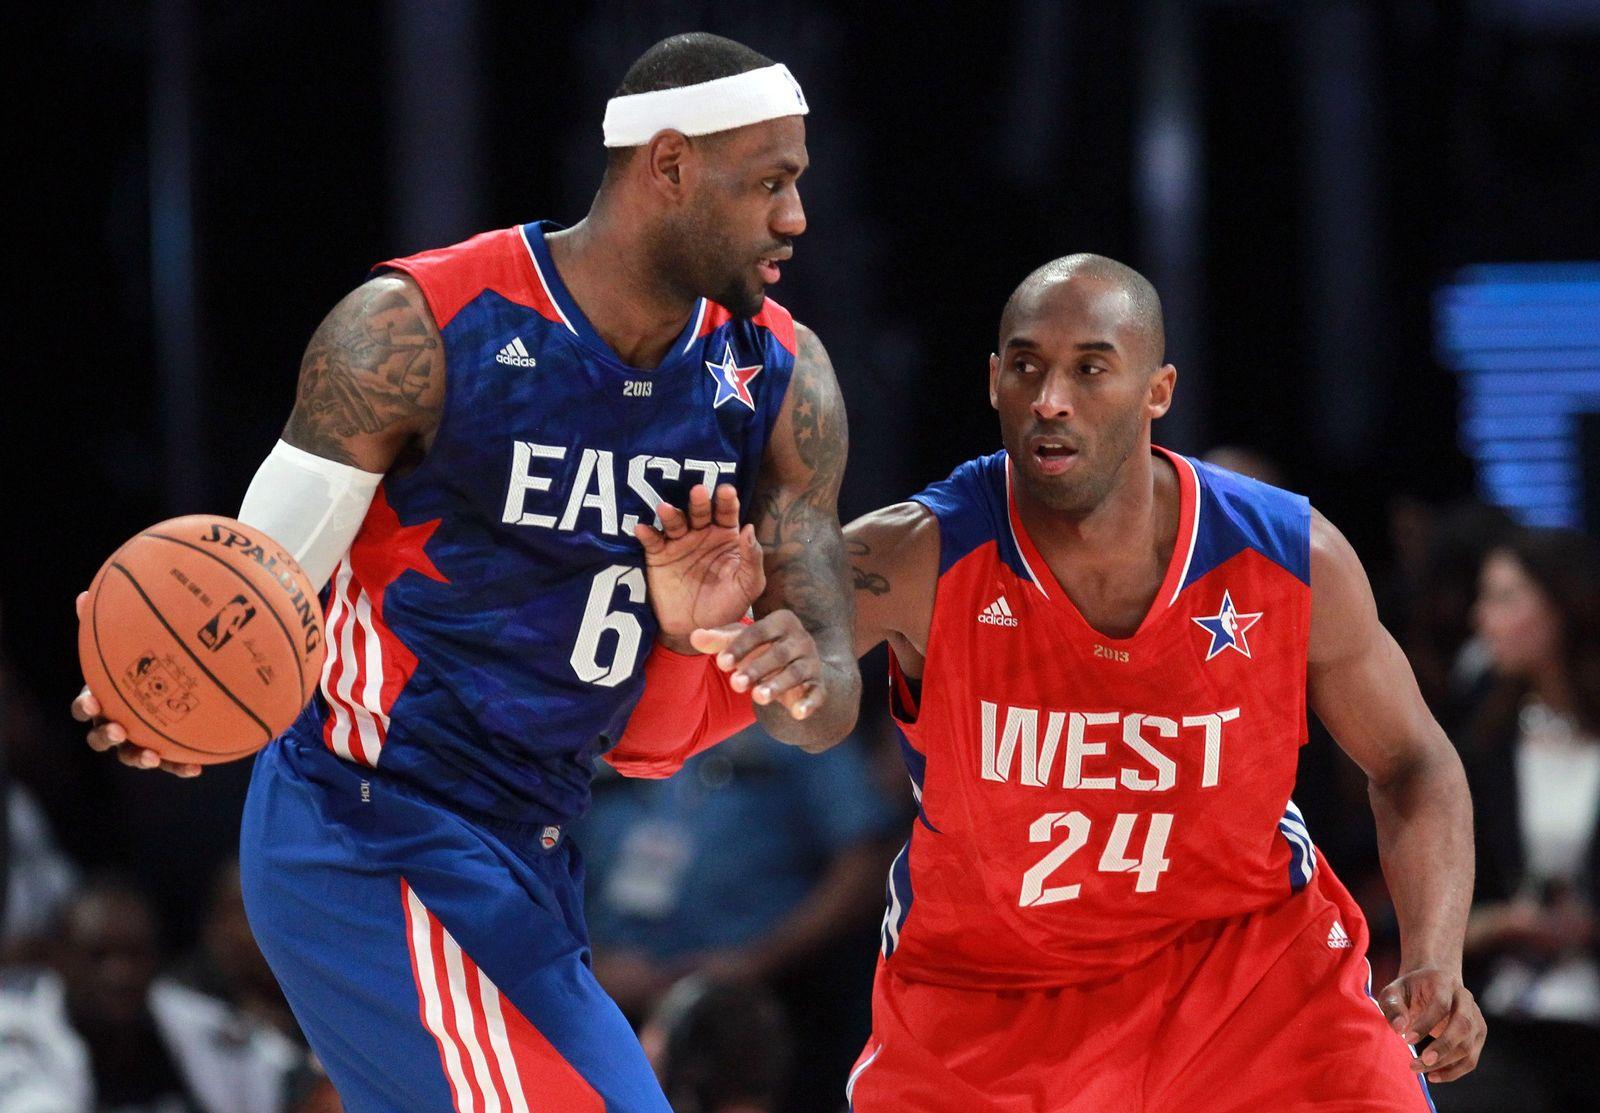 FILES-BASKET-NBA-LAKERS-JAMES-BRYANT